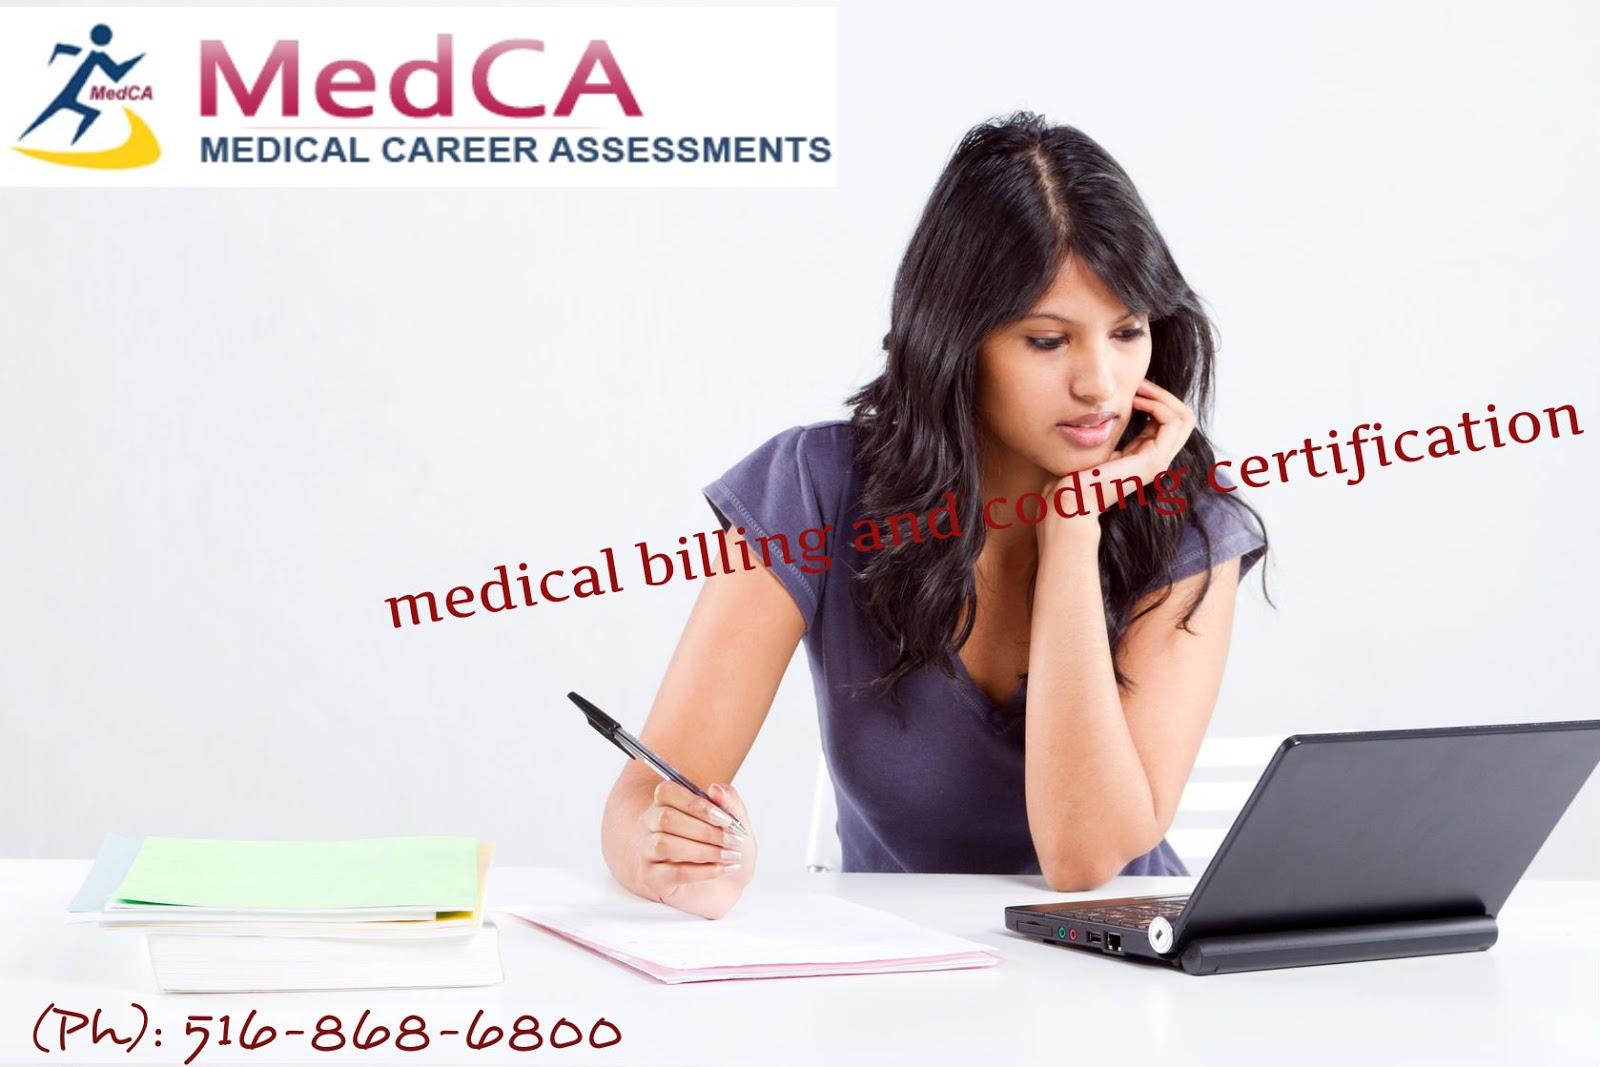 Medca Inc